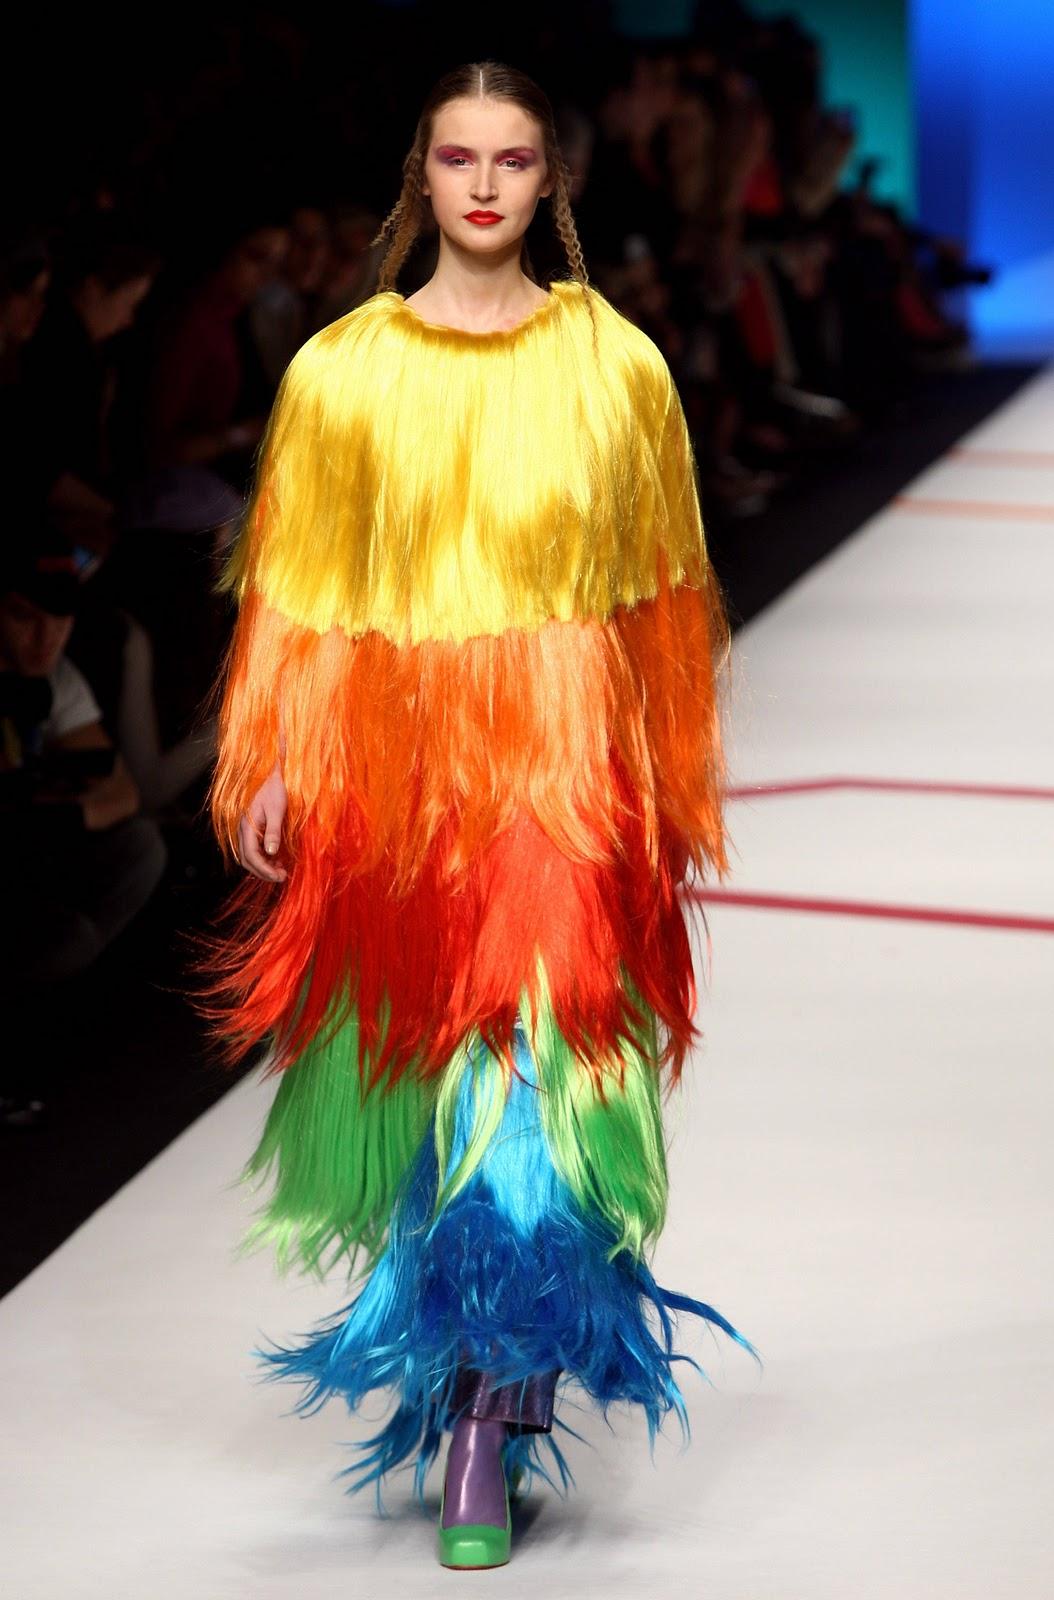 fashion_police_85198300.jpg